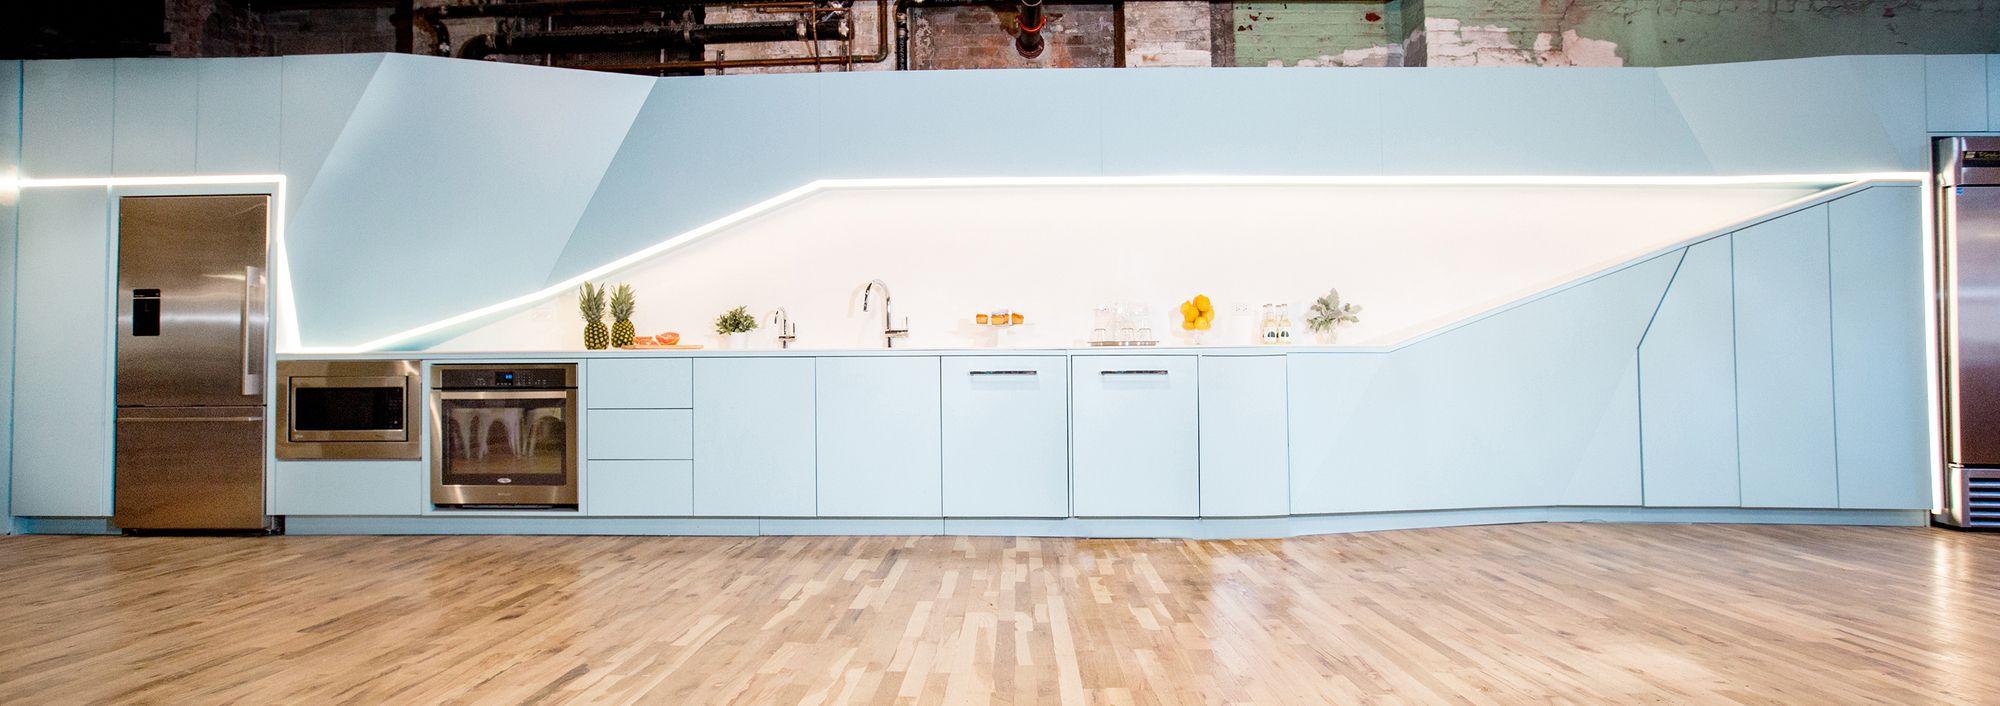 Pin de hung nguyen en kitchen   Pinterest   Galerías y Cocinas